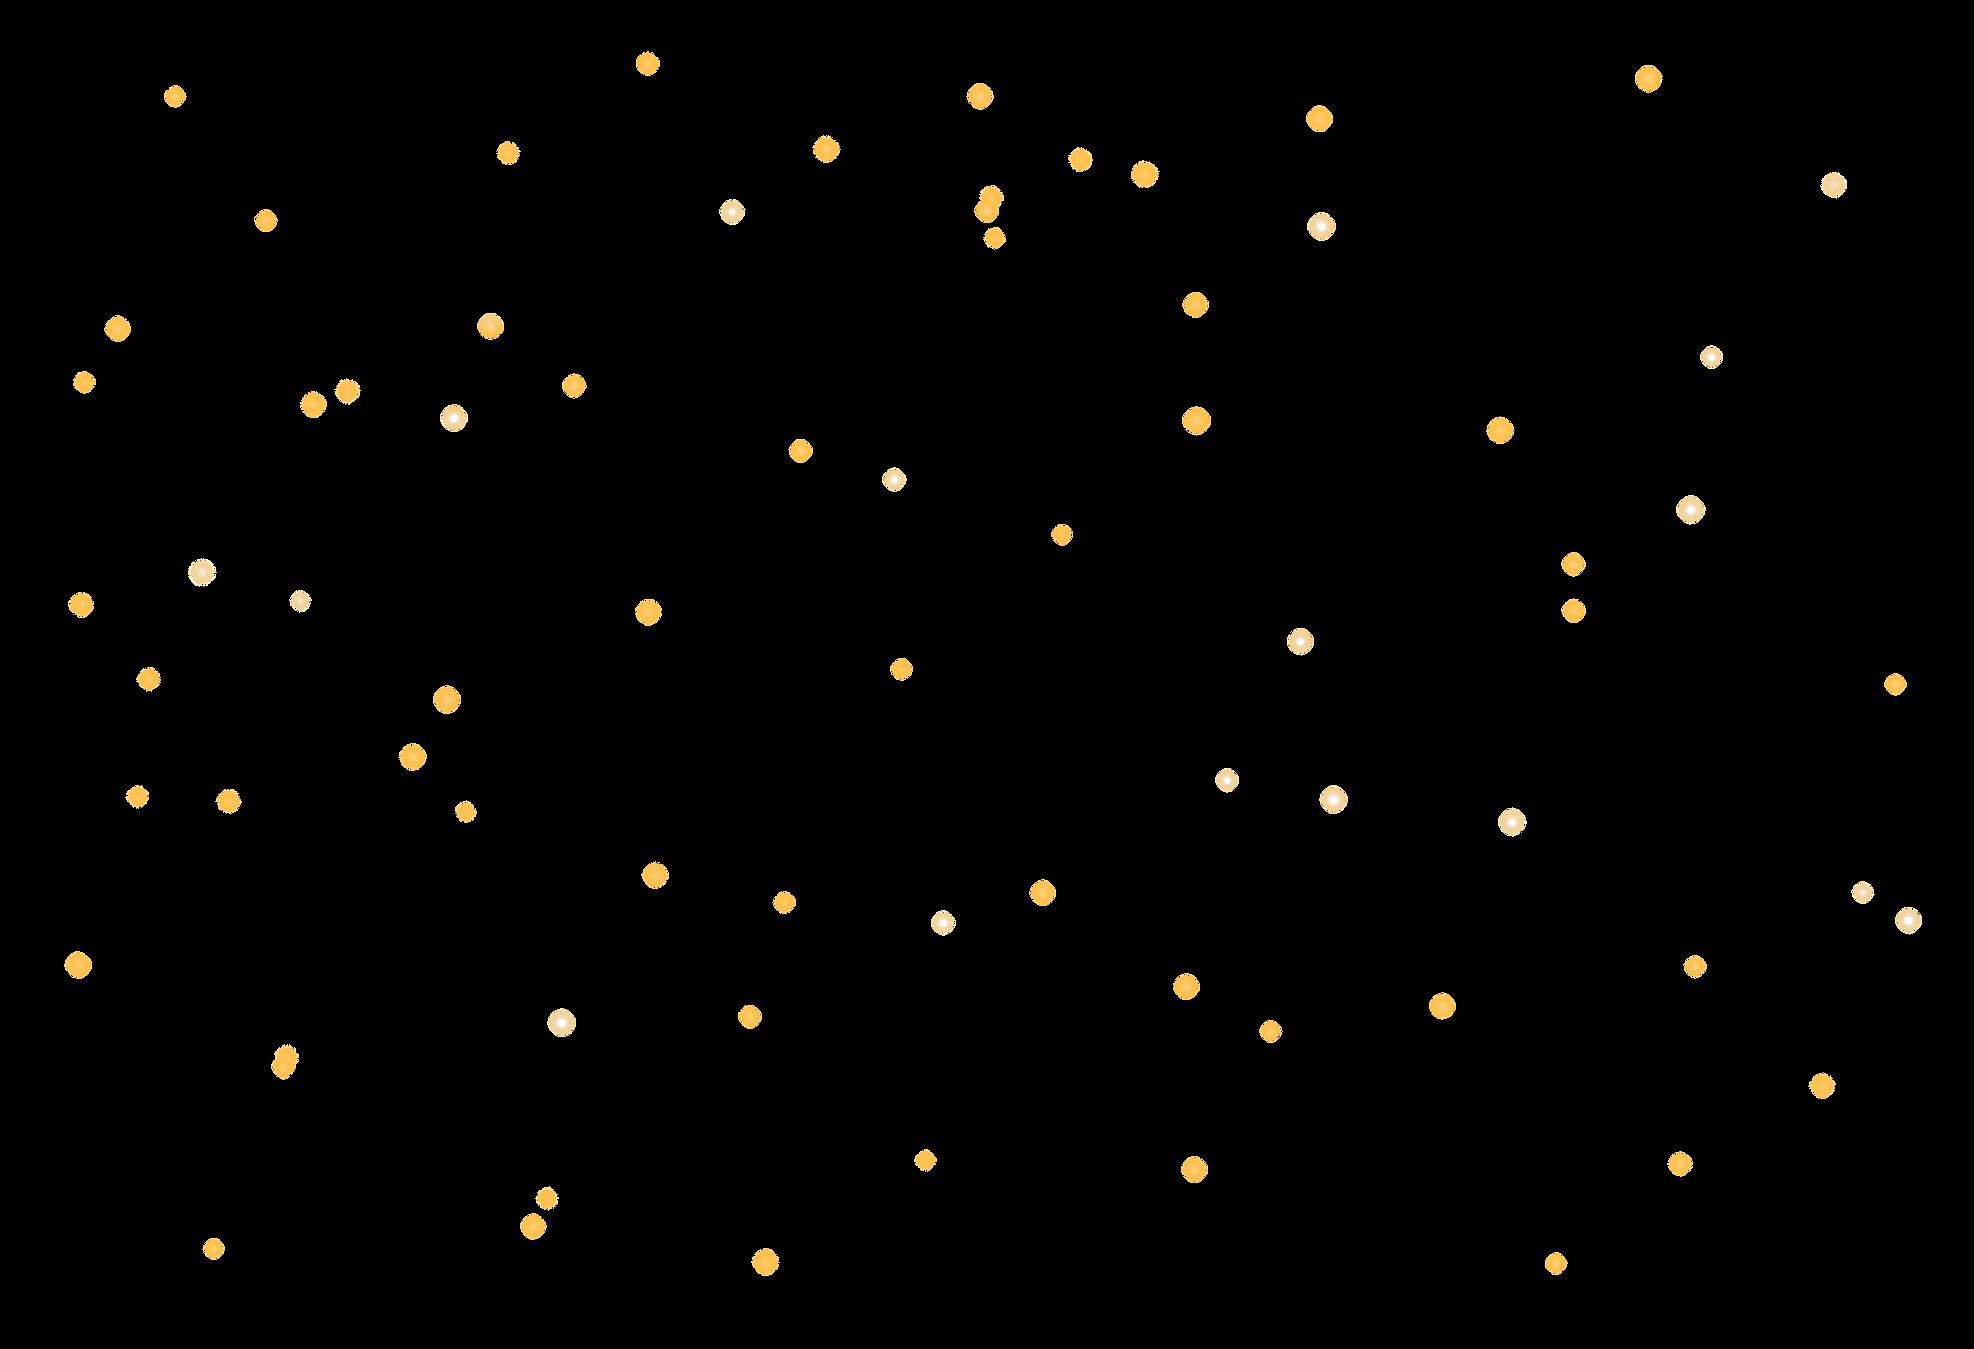 String_Lights_28.png